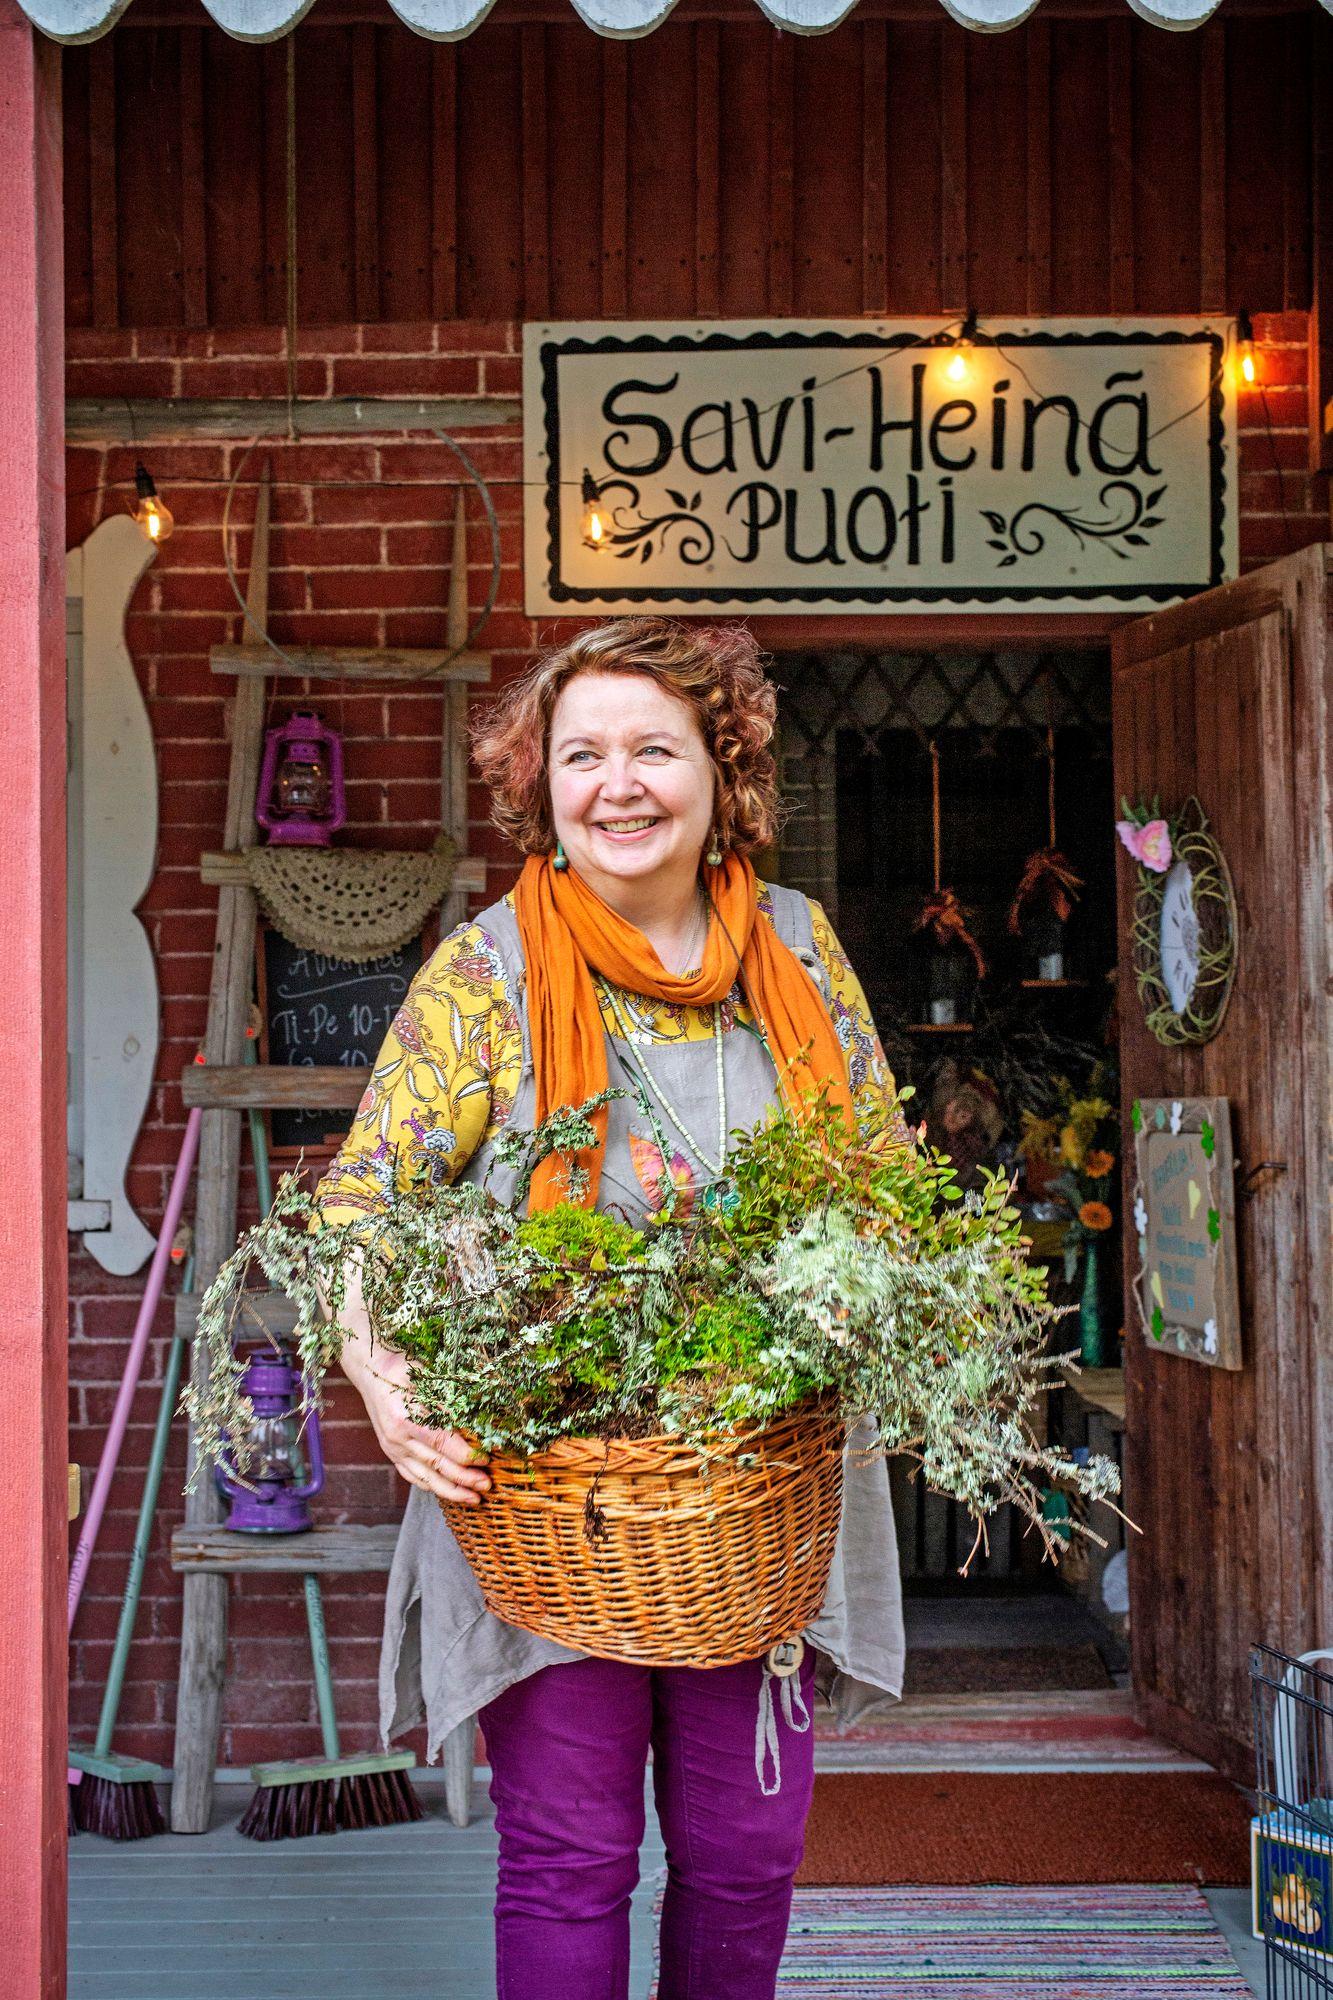 """Pinterest on luonnon lisäksi Susannan mielestä hyvä paikka selata ideoita. """"Lähden aina vuodenajasta ja luonnon väreistä miettimään, mitä olisi kiva tehdä."""" © Tiiu Kaitalo"""